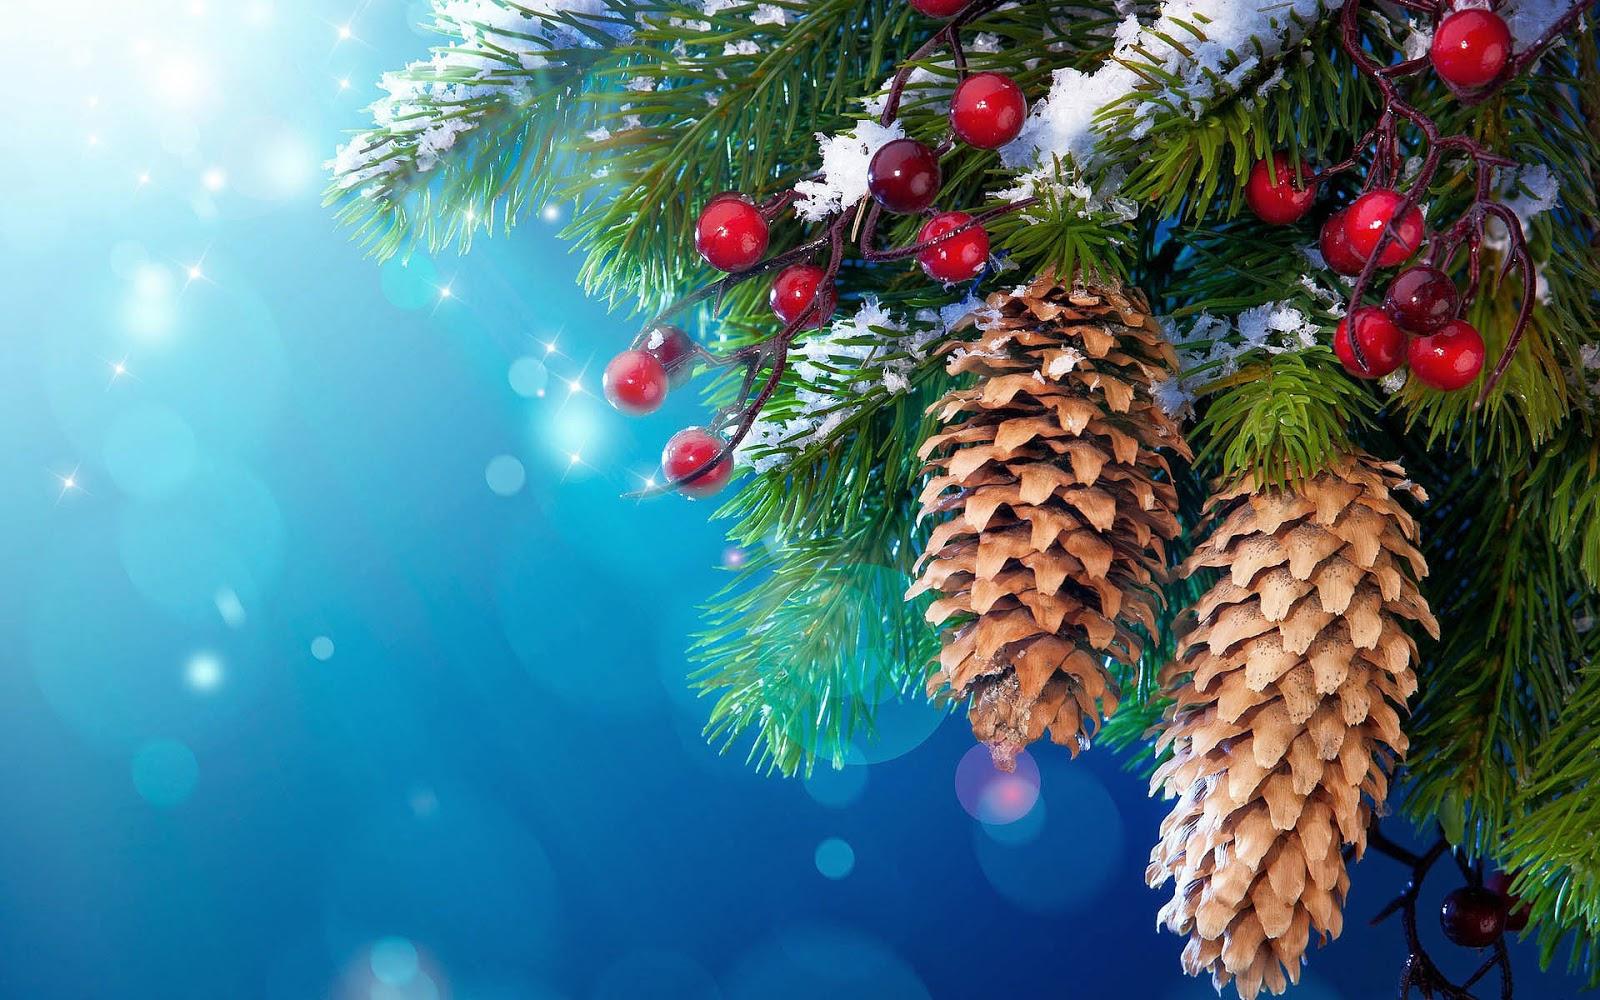 Mooie kerst achtergrond | Bureaublad Achtergronden Wallpapers Kerst Achtergronden